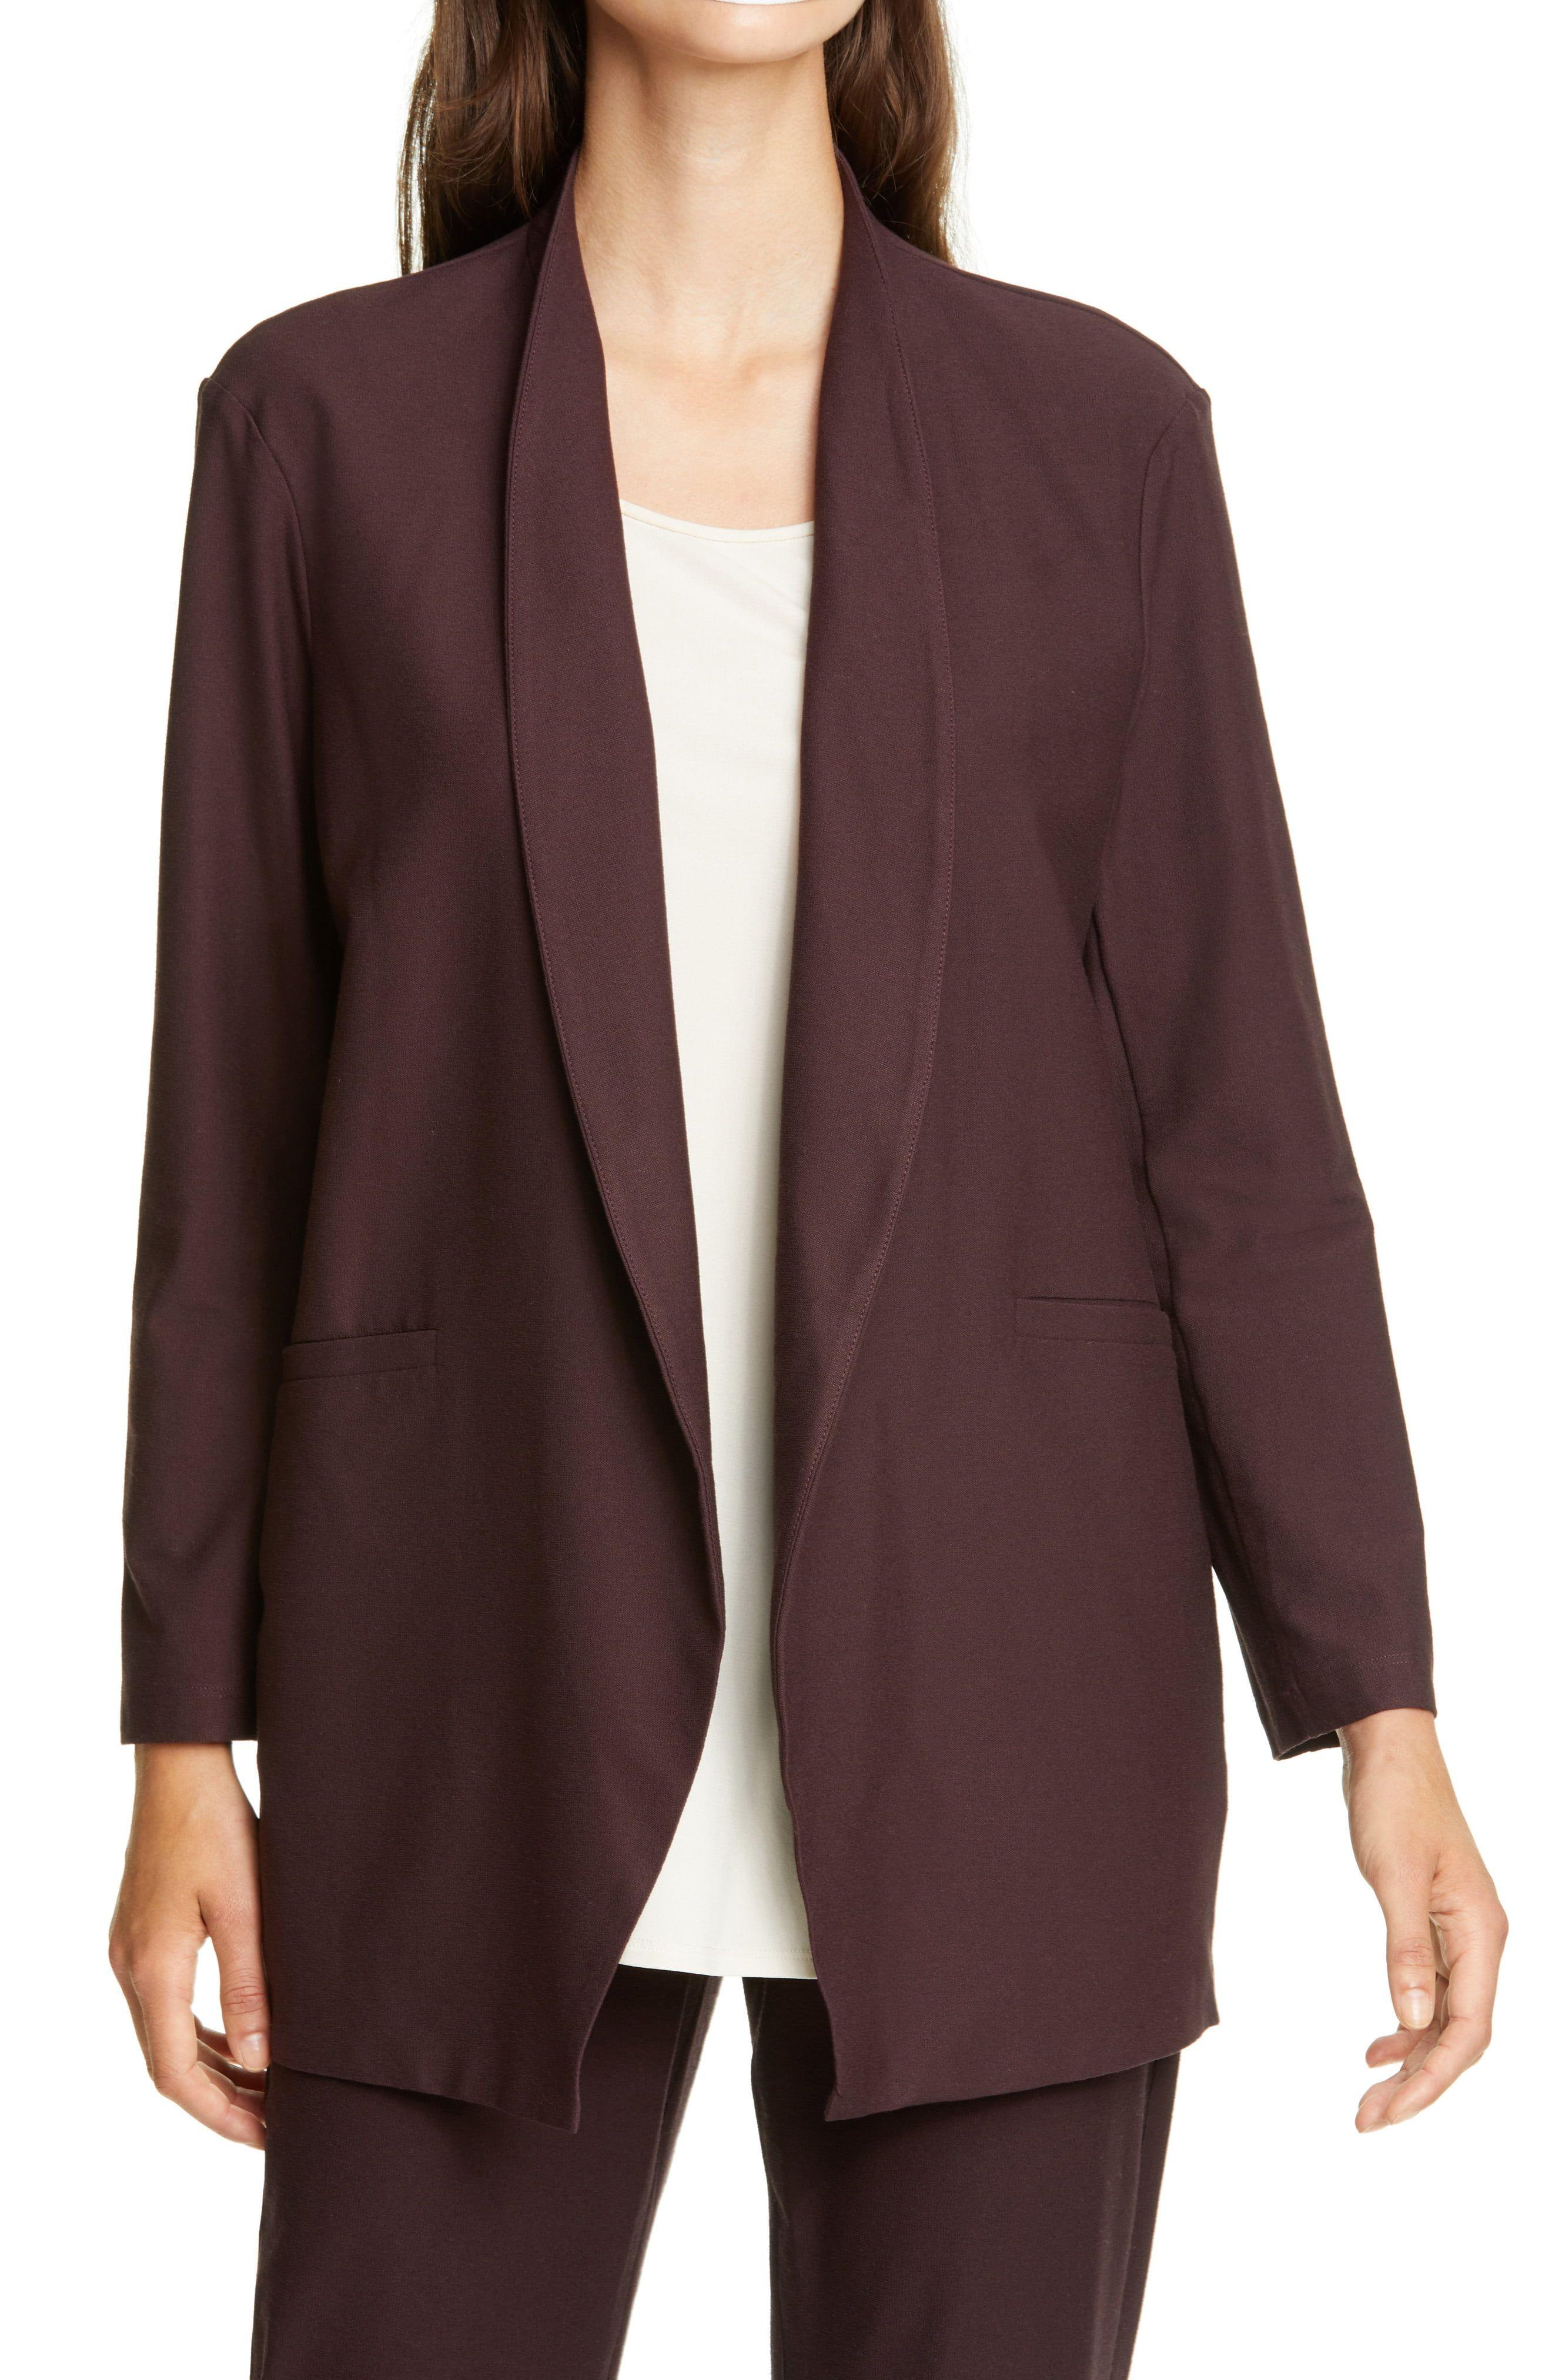 Eileen Fisher Cutaway Jacket Nordstrom Rack Eileen Fisher Jackets Long Jackets [ 4048 x 2640 Pixel ]